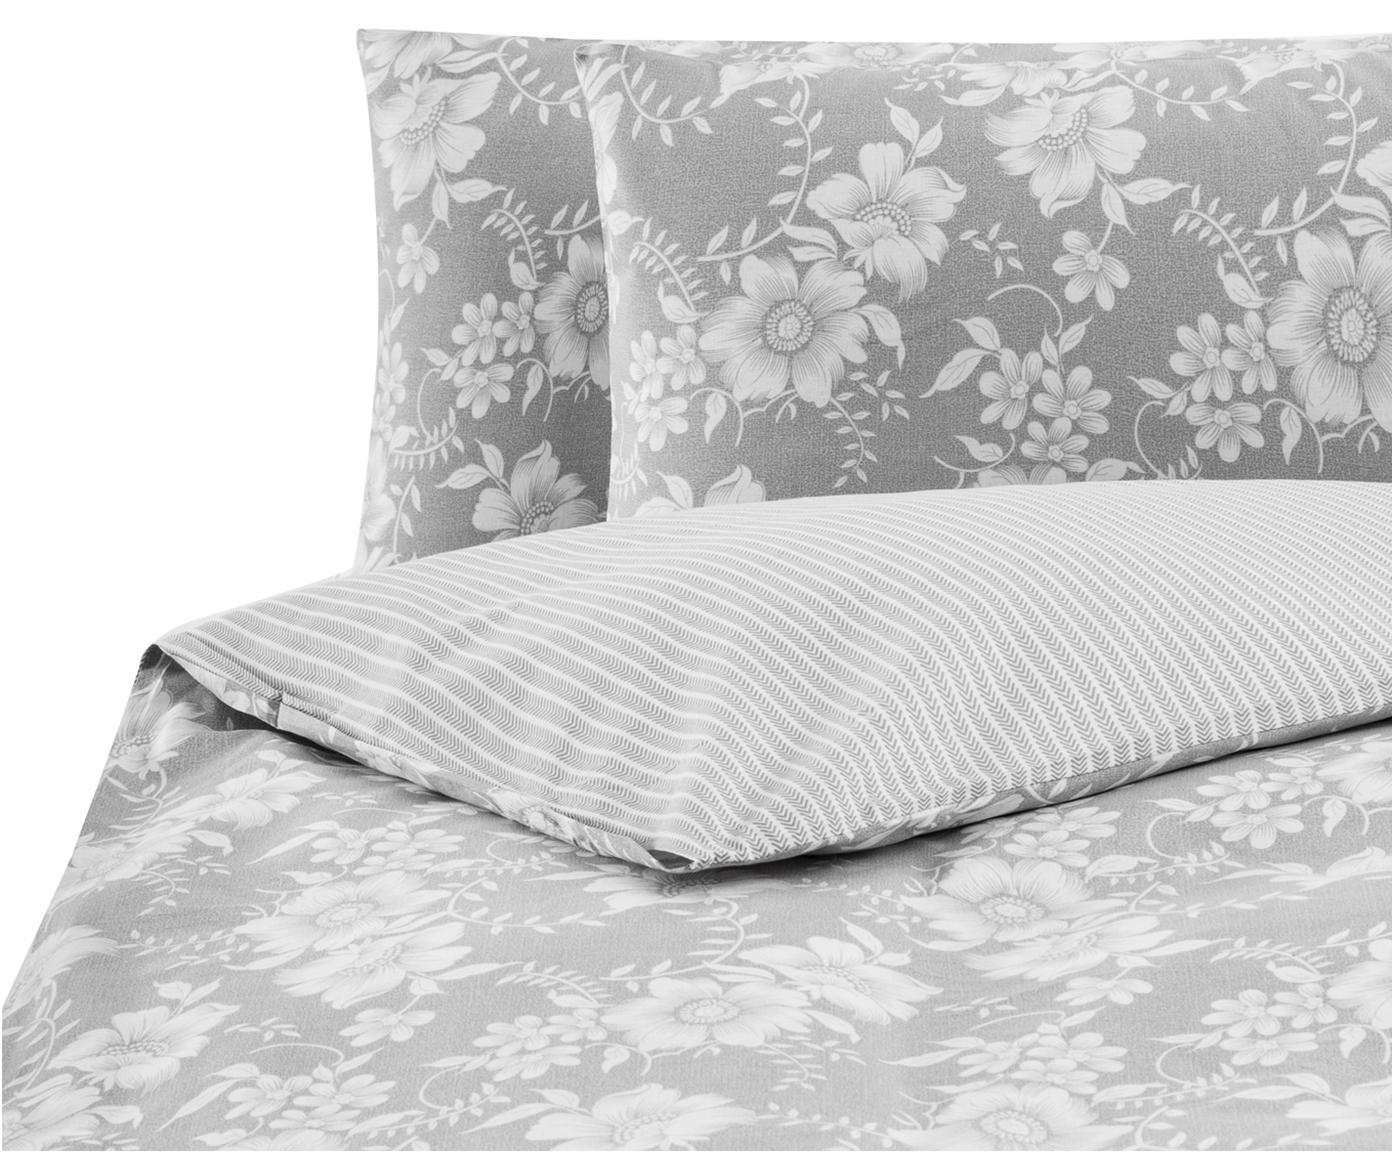 Parure copripiumino in cotone ranforce Grace, Tessuto: Renforcé, Grigio, bianco, 250 x 200 cm